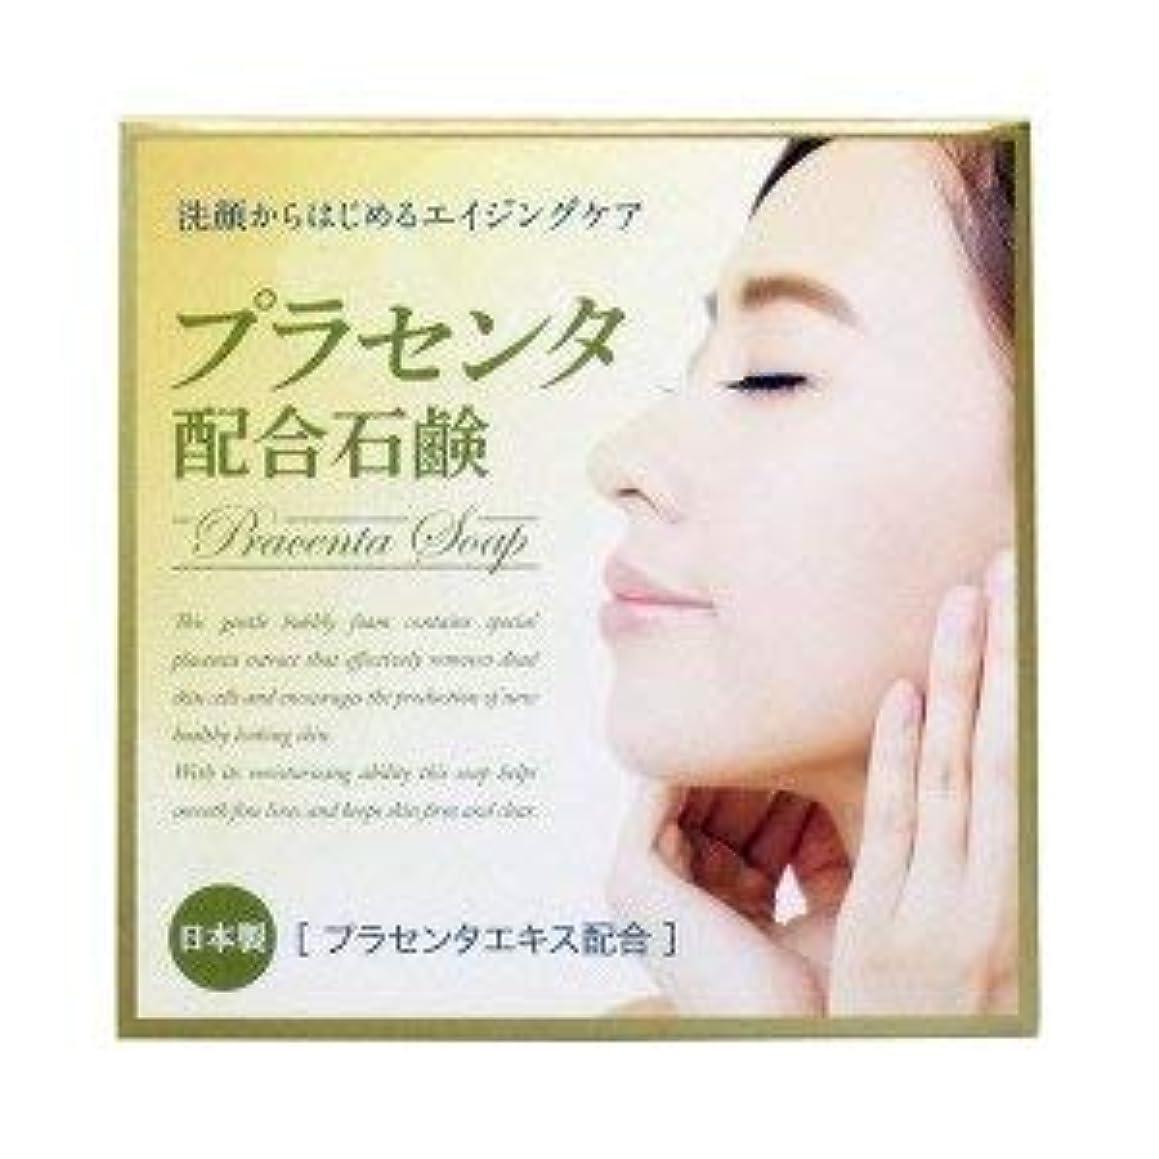 愛する休憩北西プラセンタ配合石鹸 80g×2 2個1セット プラセンタエキス保湿成分配合 日本製